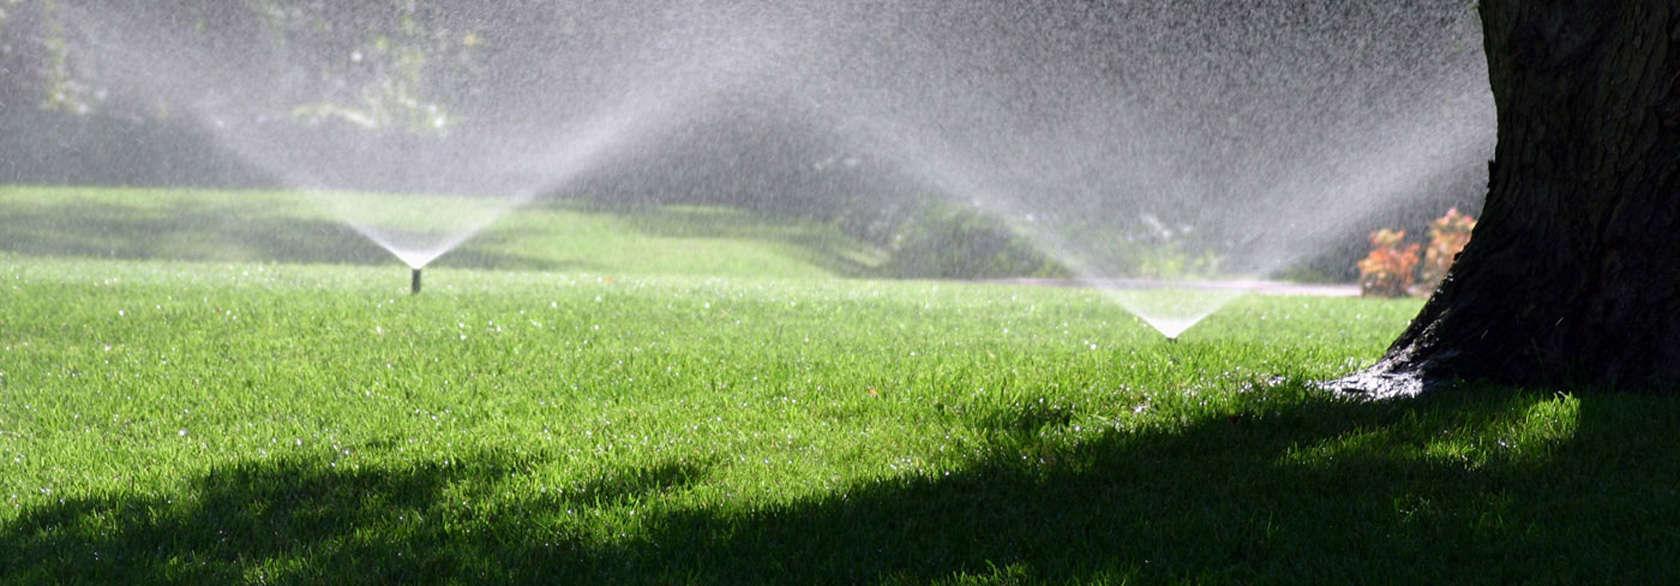 Impianto di irrigazione con Raspberry Pi